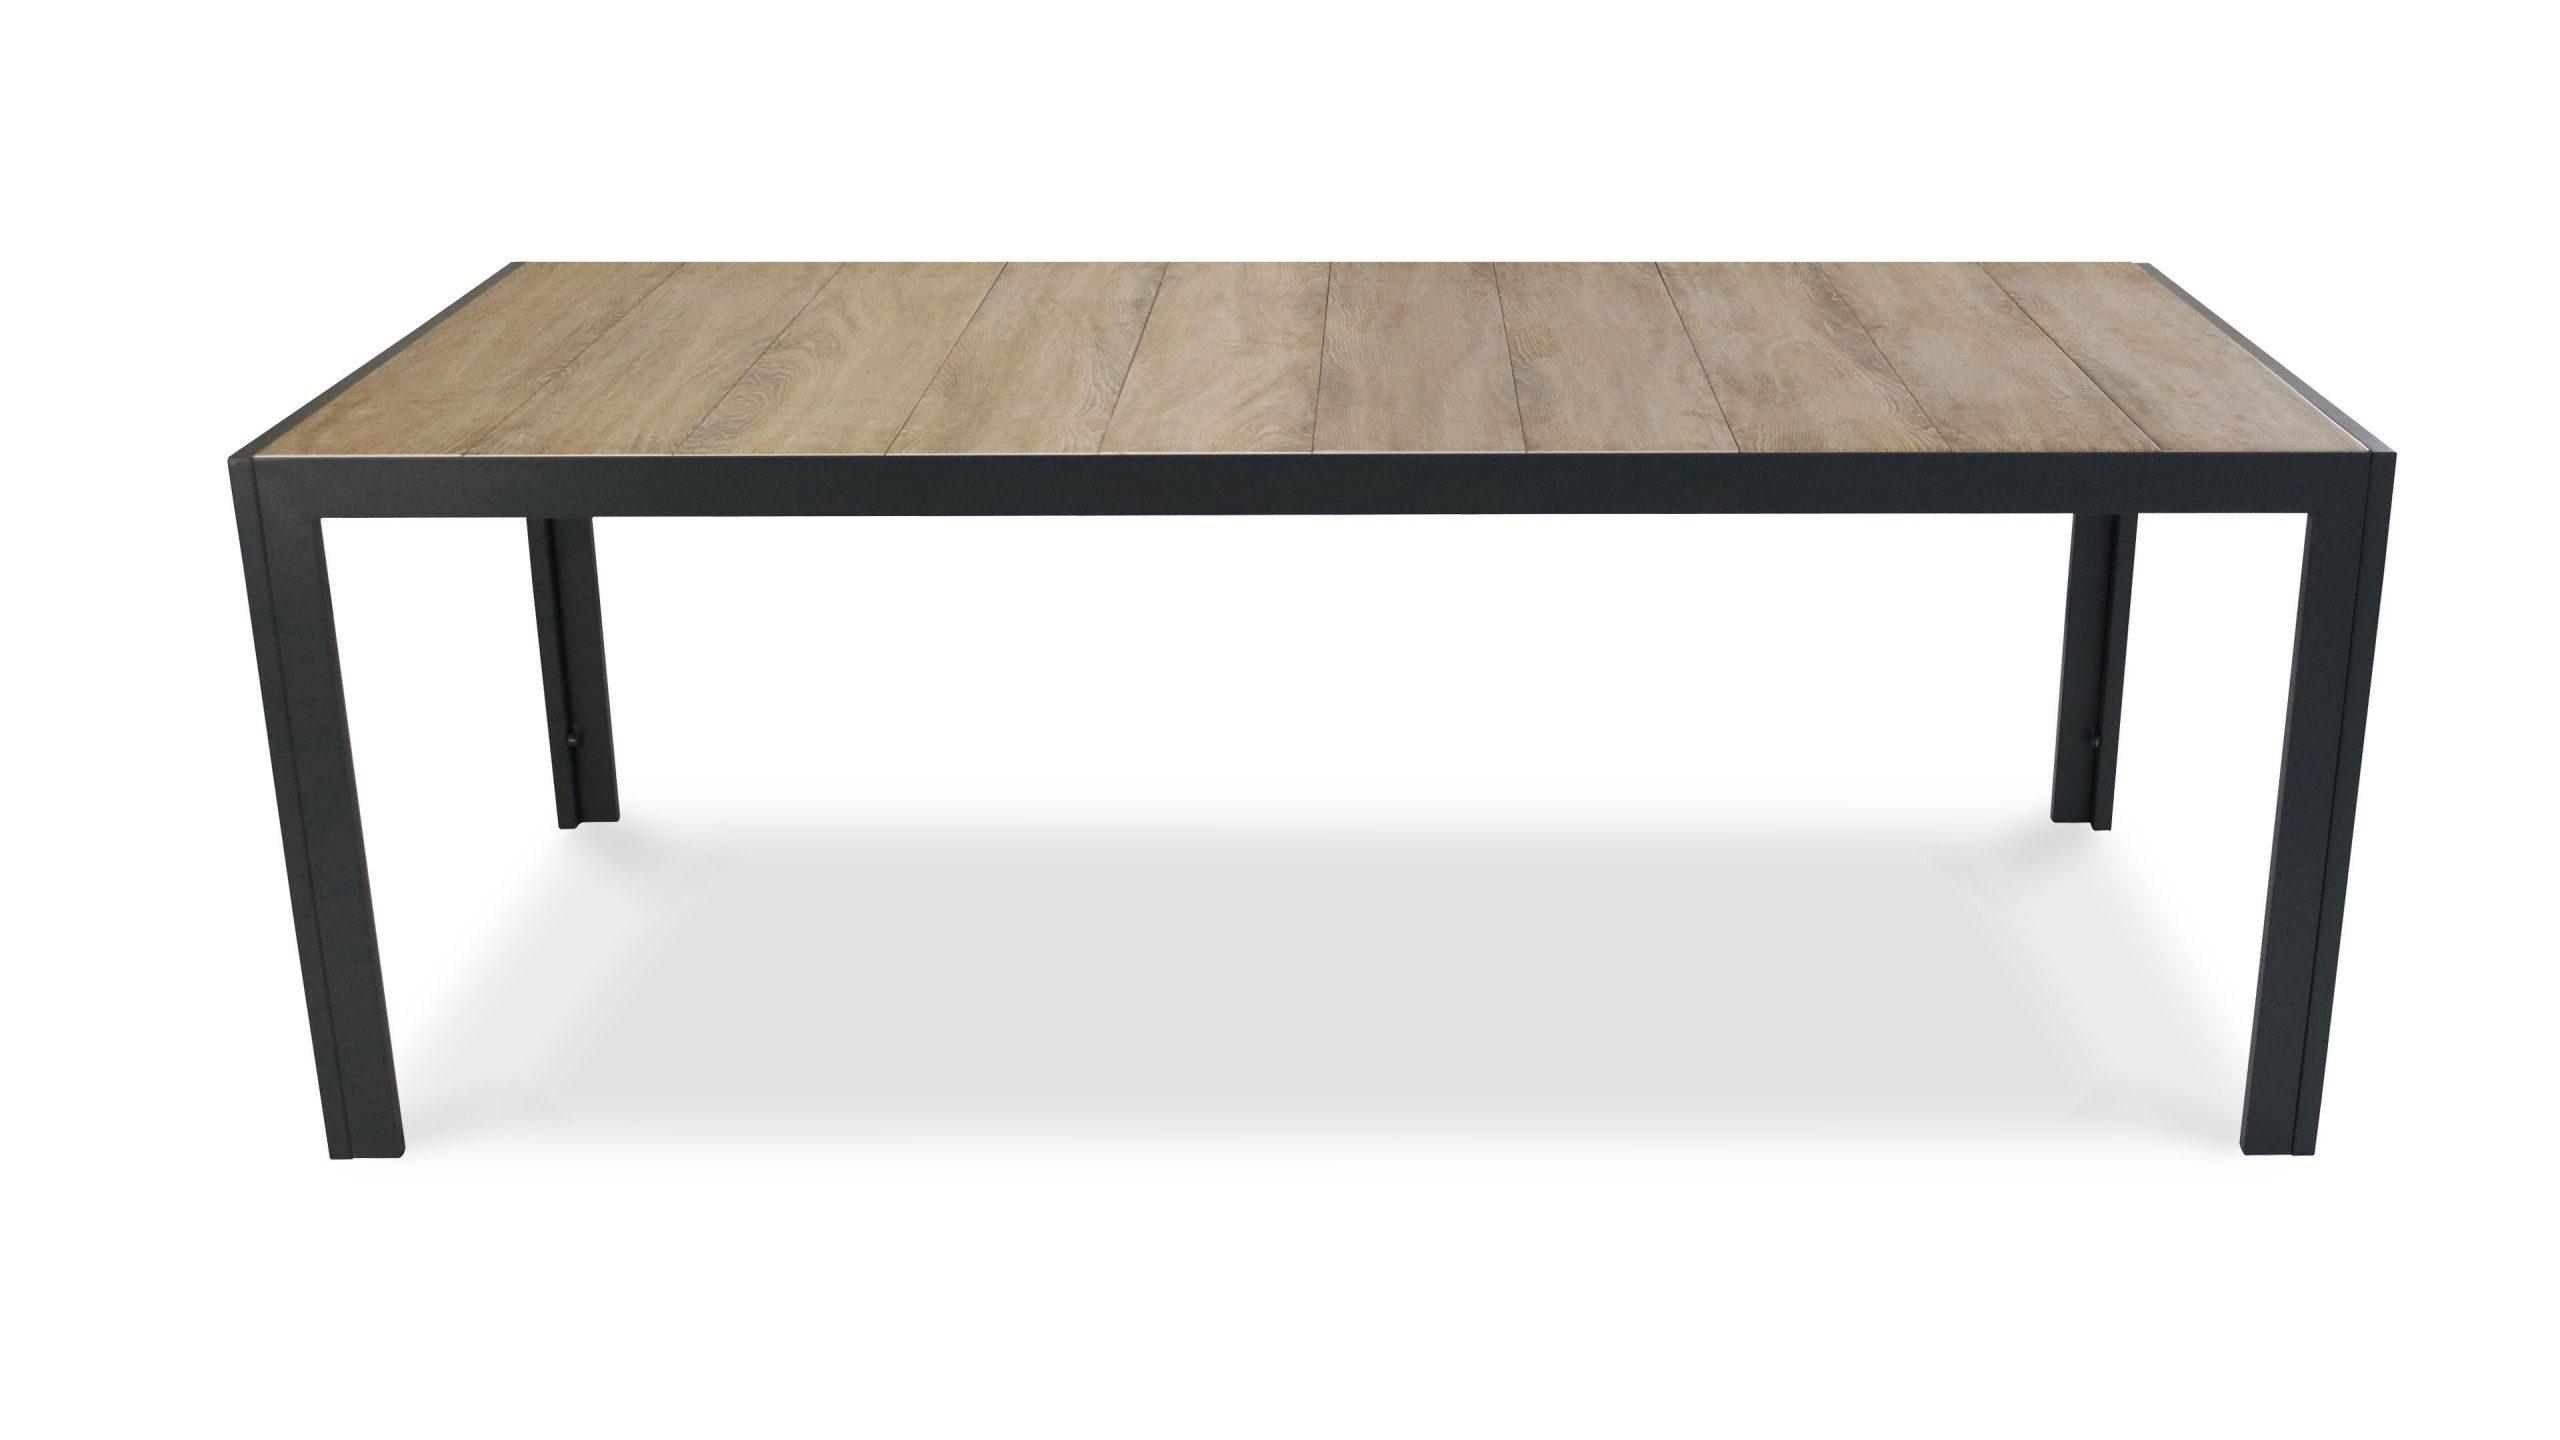 Table De Jardin Aluminium Et Céramique | Table De Jardin ... avec Table Céramique Jardin